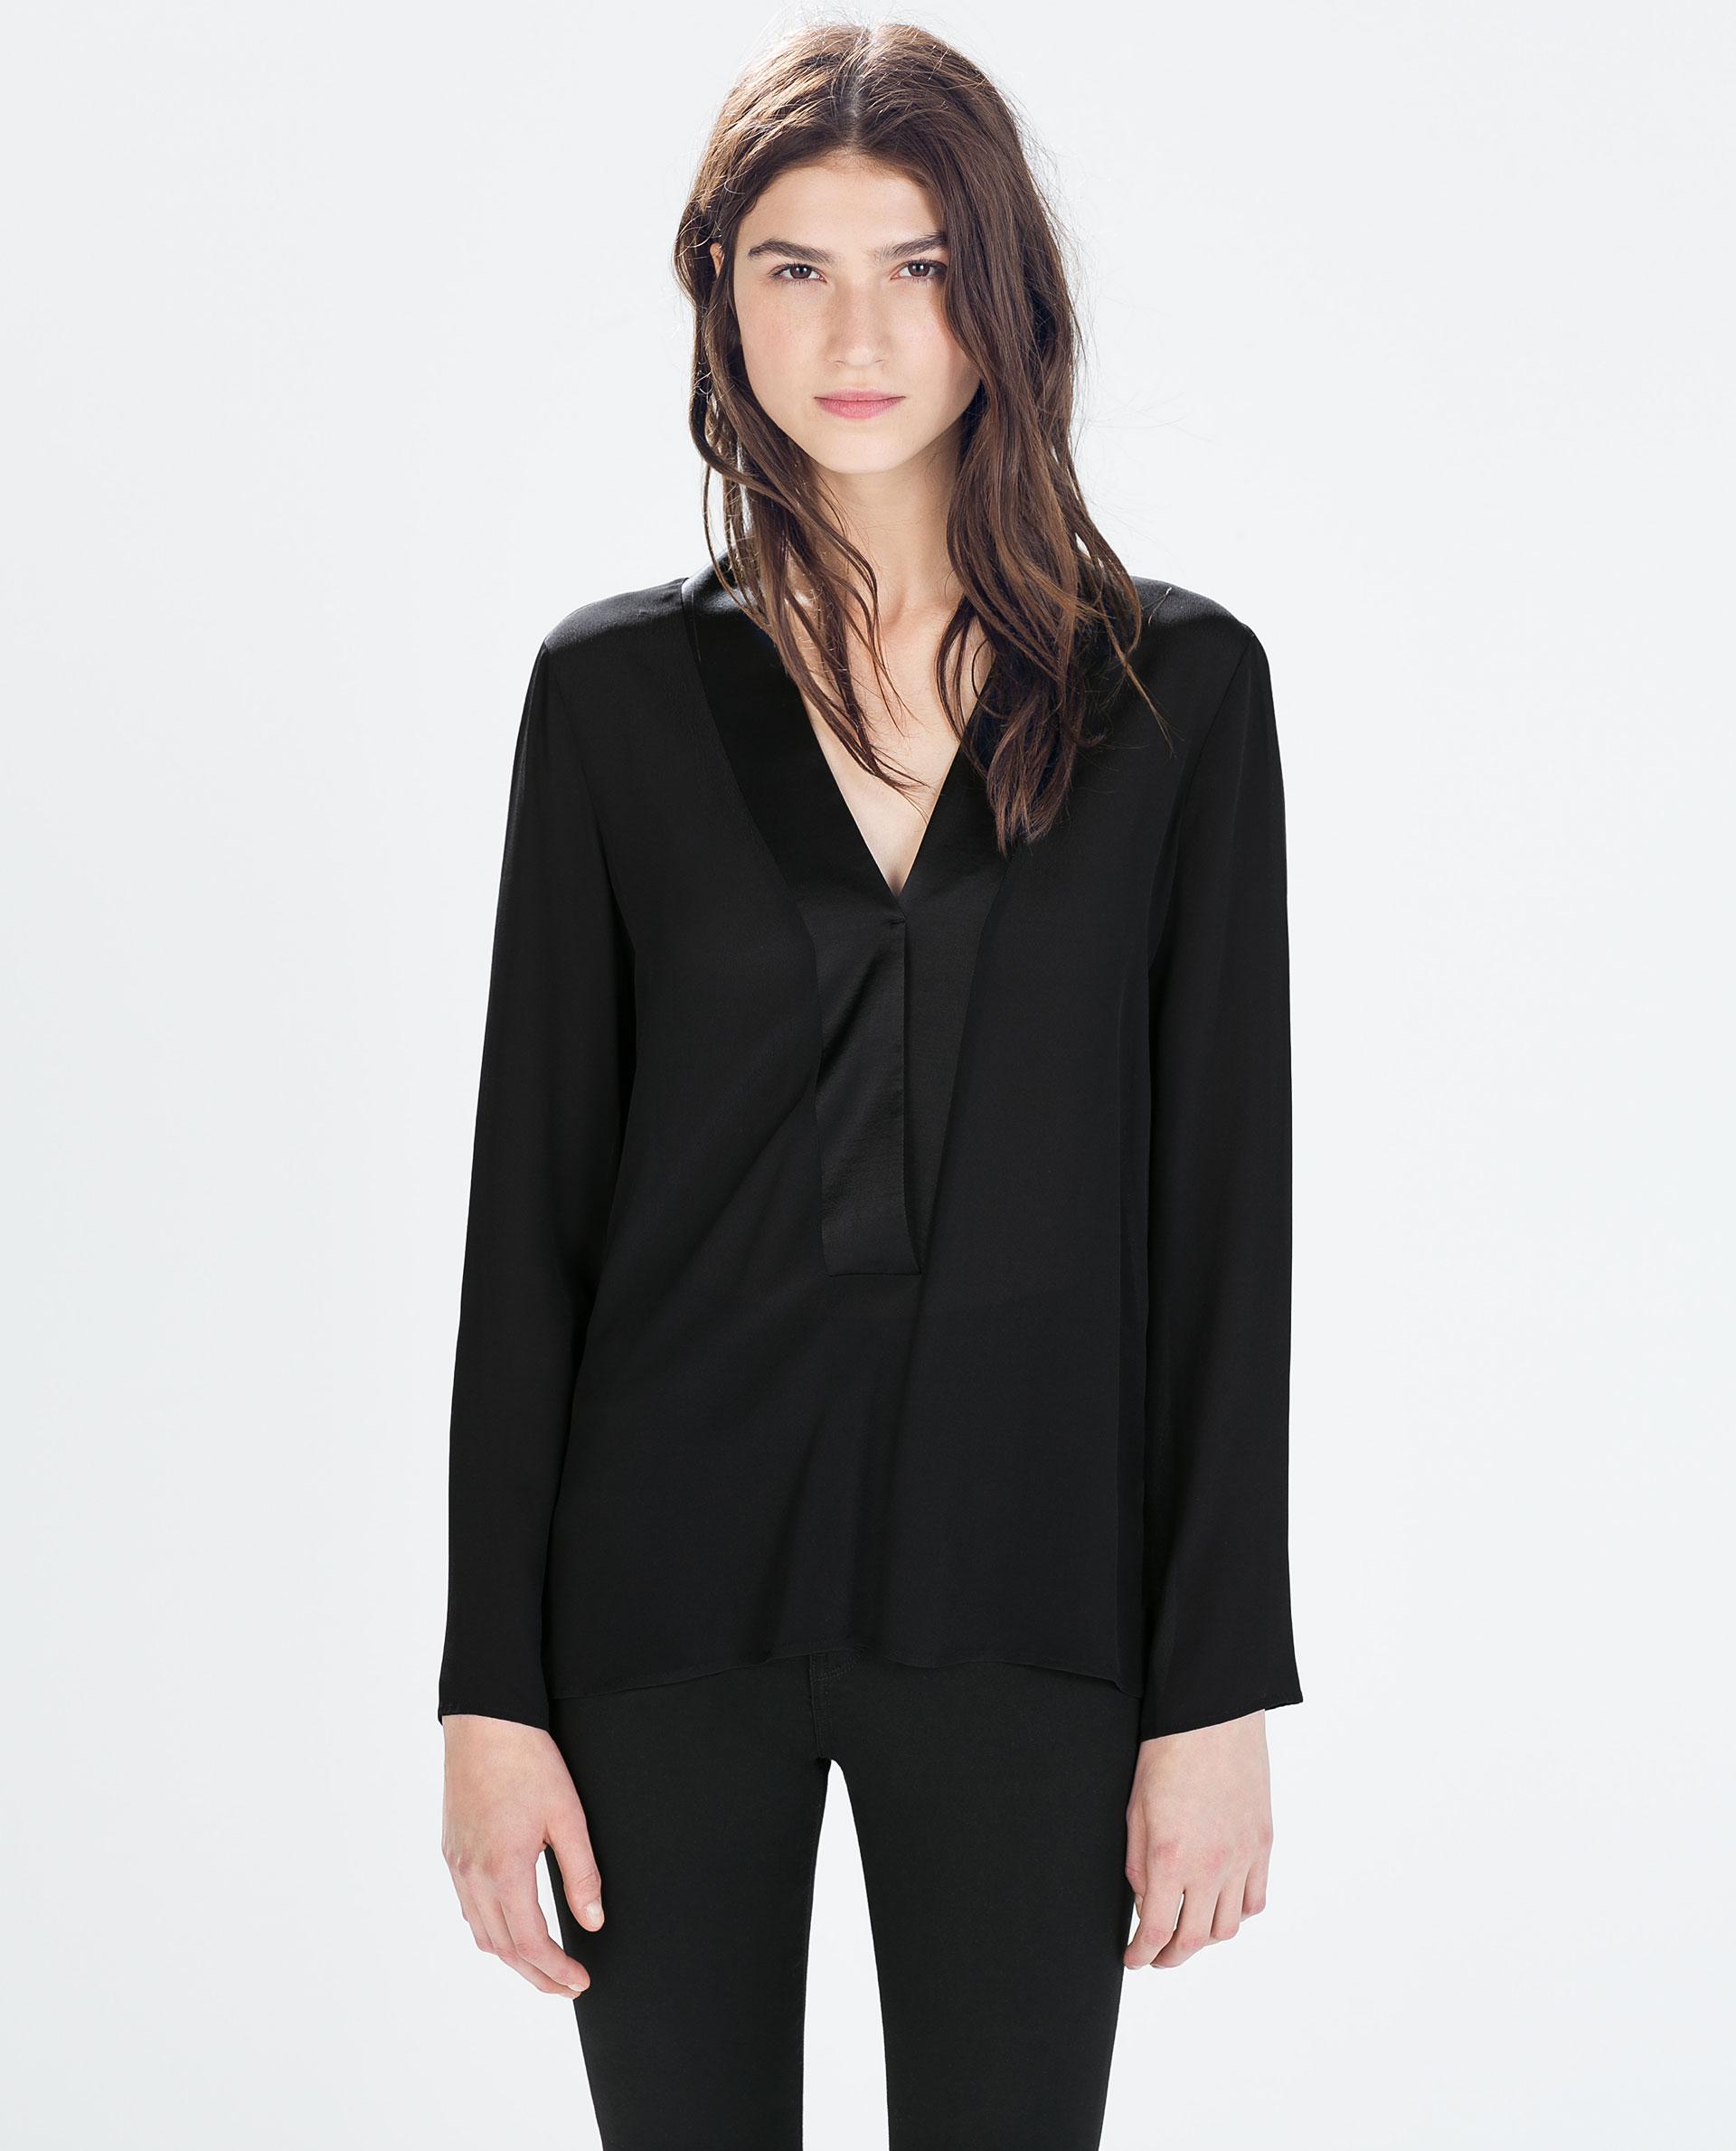 Zara Long Sleeved Blouse 109